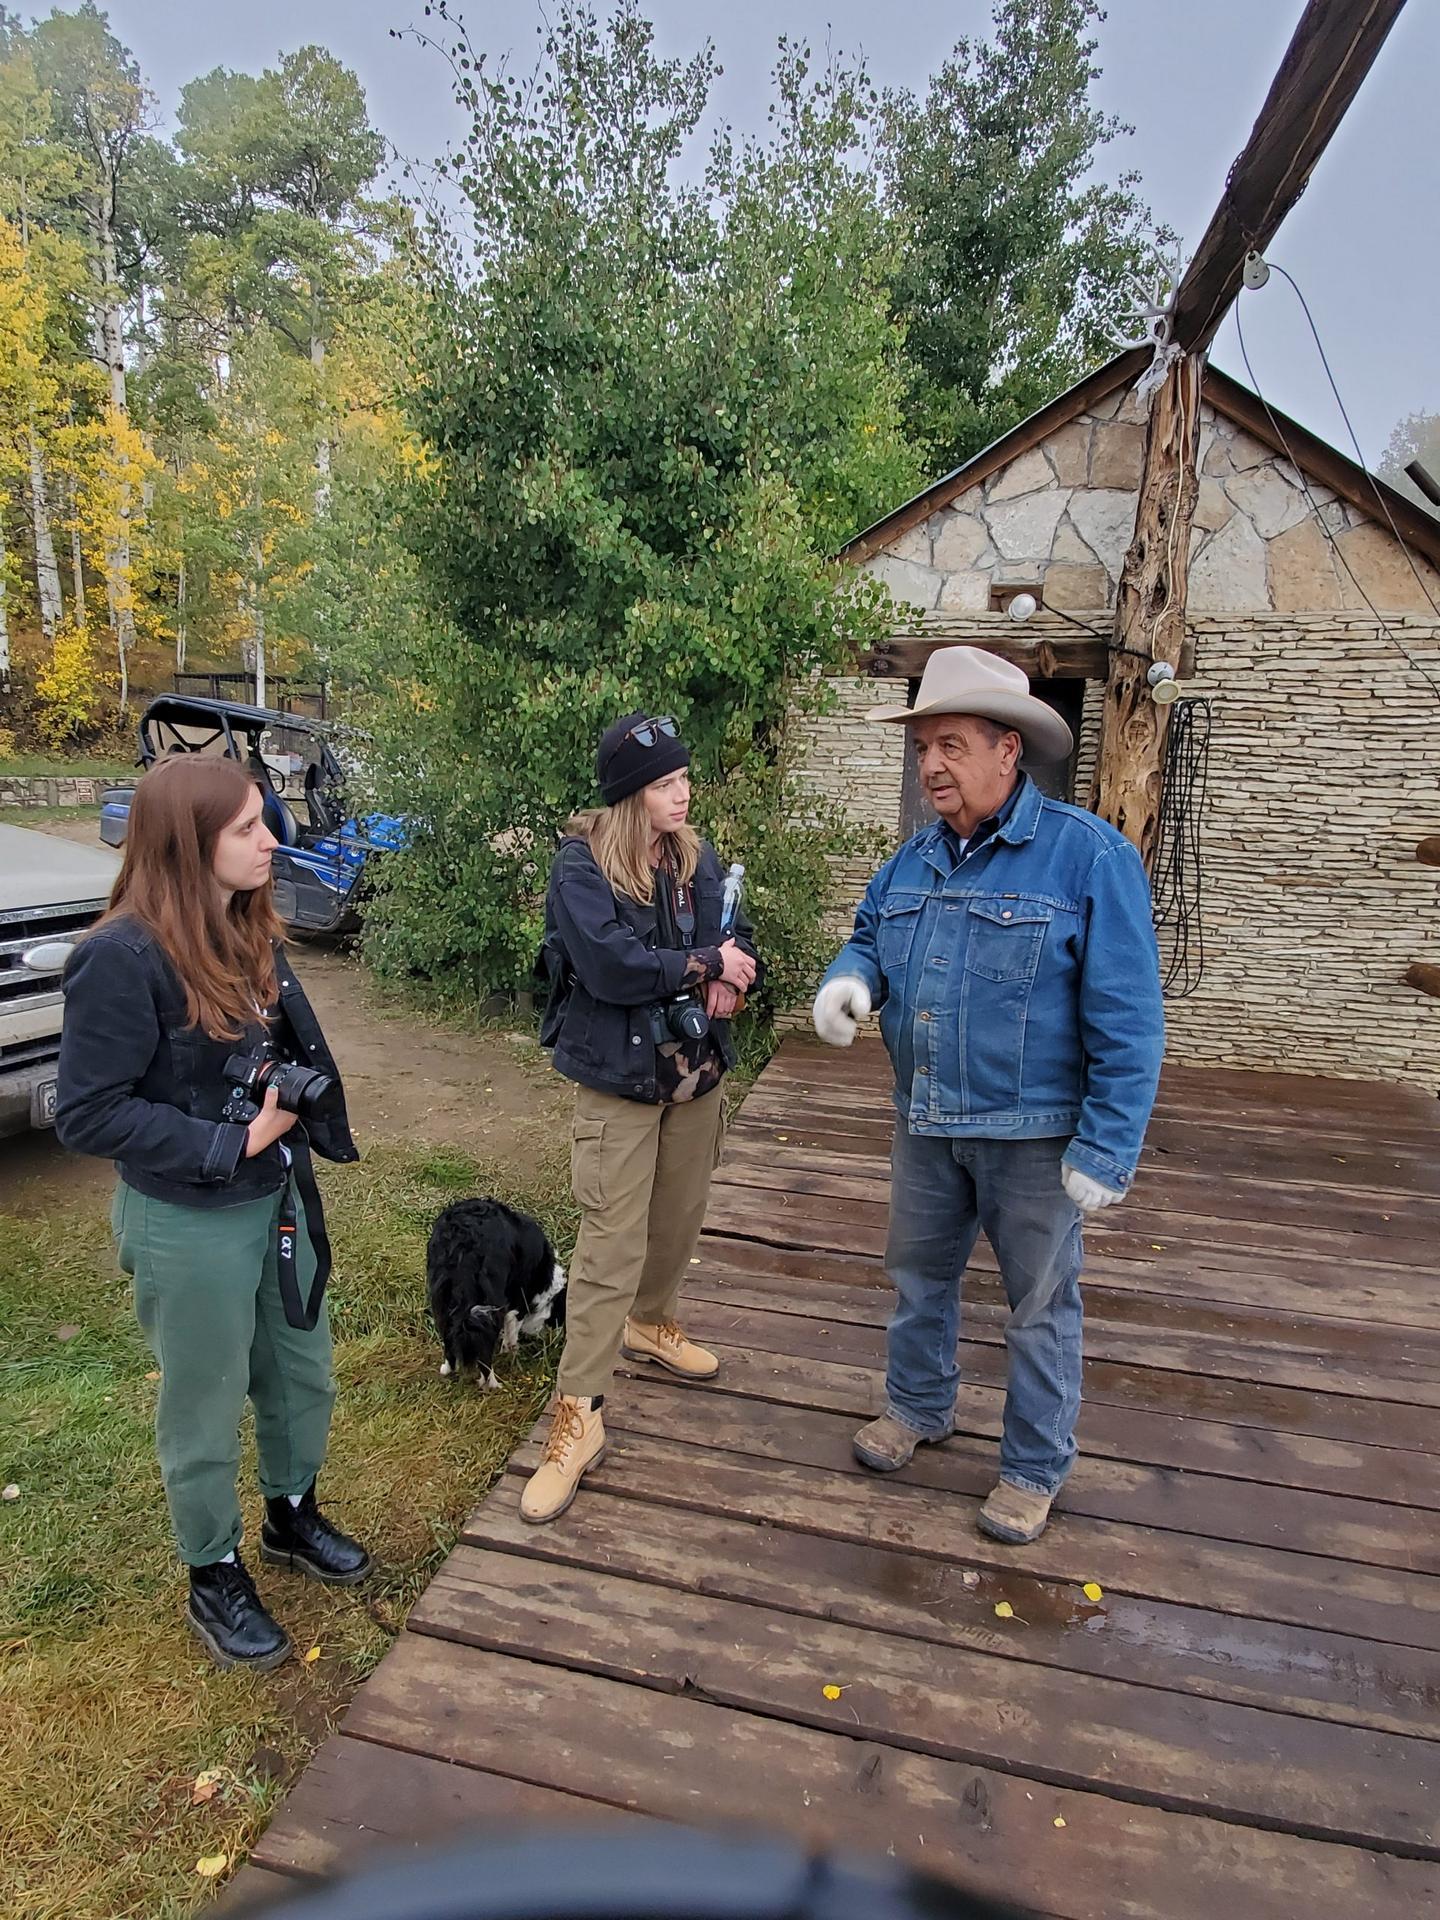 Tavaputs-Utah-Film-Commission-scaled.jpg